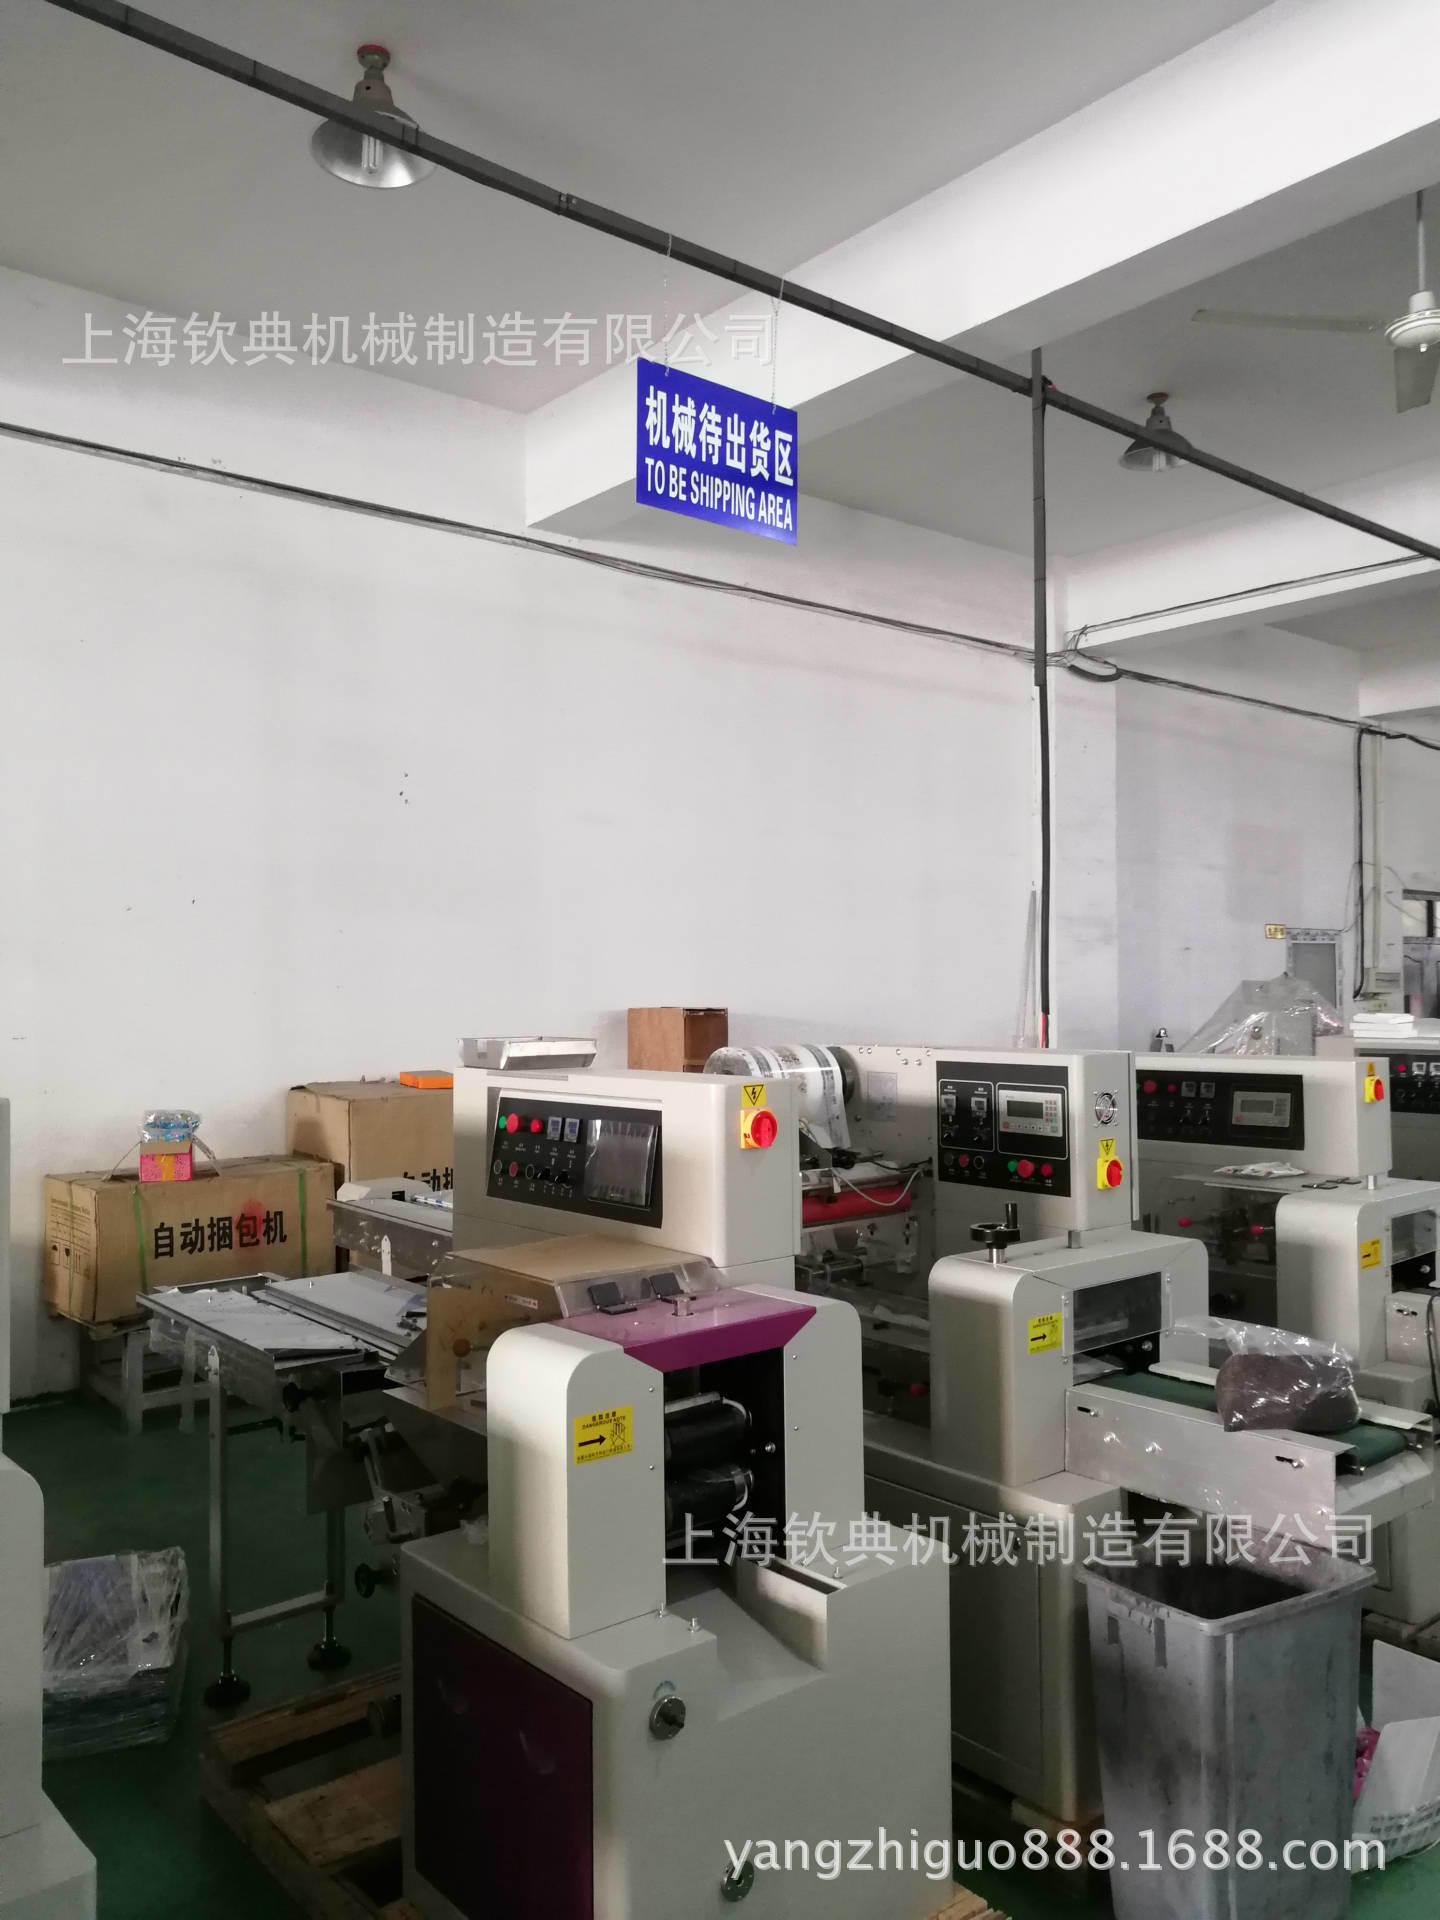 枕式魔力海绵包装机,纳米清洁海绵包装机加厚洗碗地板抹布包装机